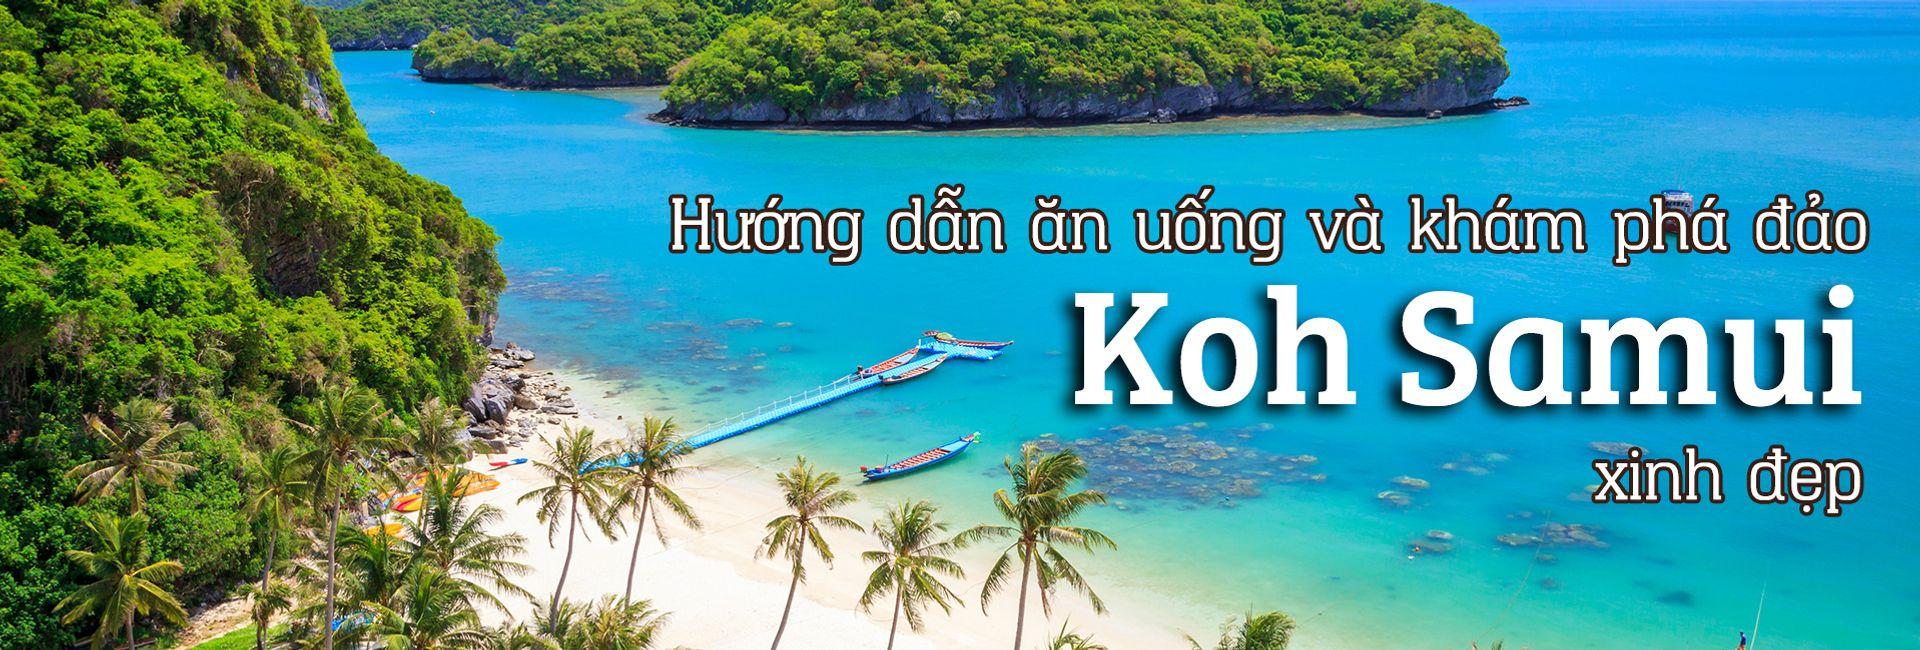 Du lịch đảo Koh Samui: sổ tay hướng dẫn từ A đến Z